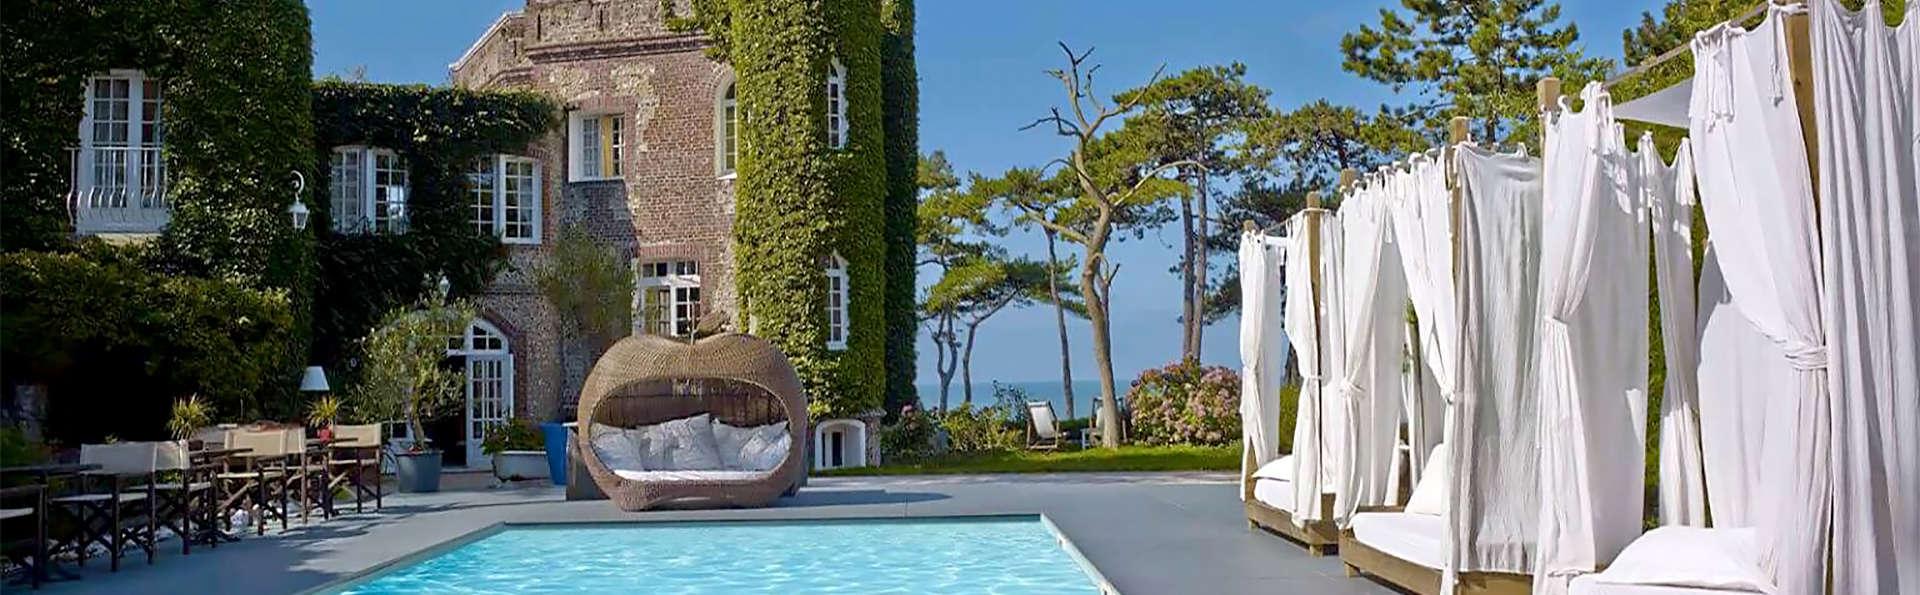 Domaine Saint Clair Le Donjon  - EDIT_pool1.jpg